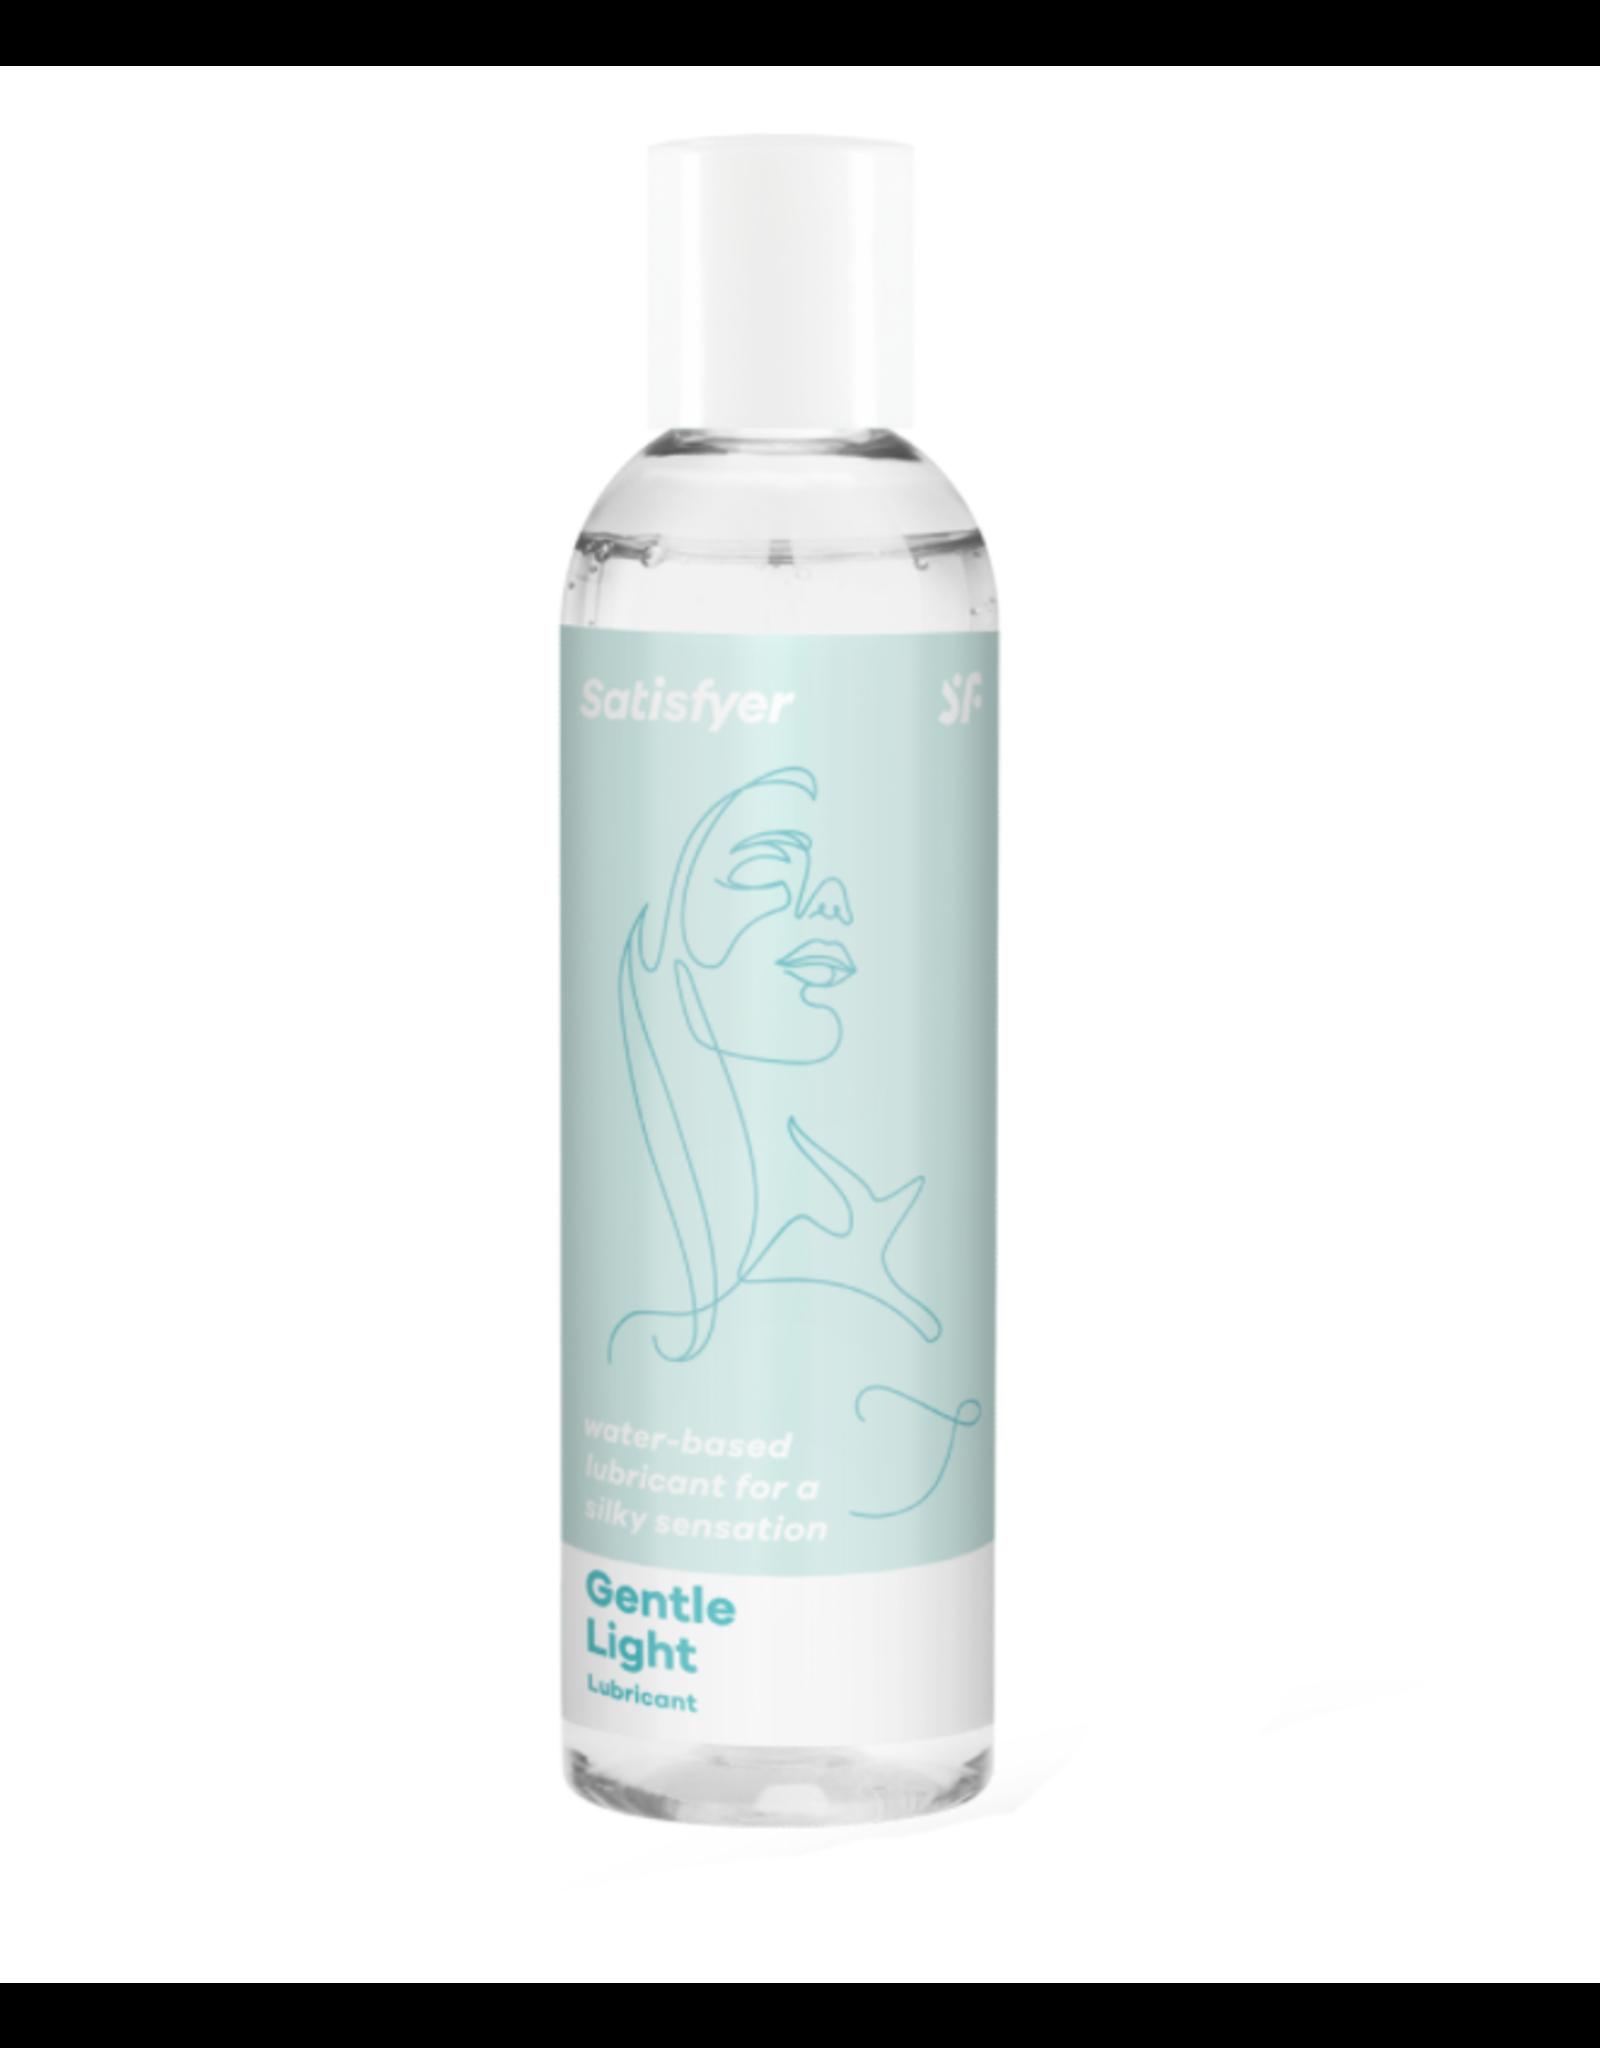 Satisfyer Satisfyer - Gentle Water-Based Light Lubricant 10 oz